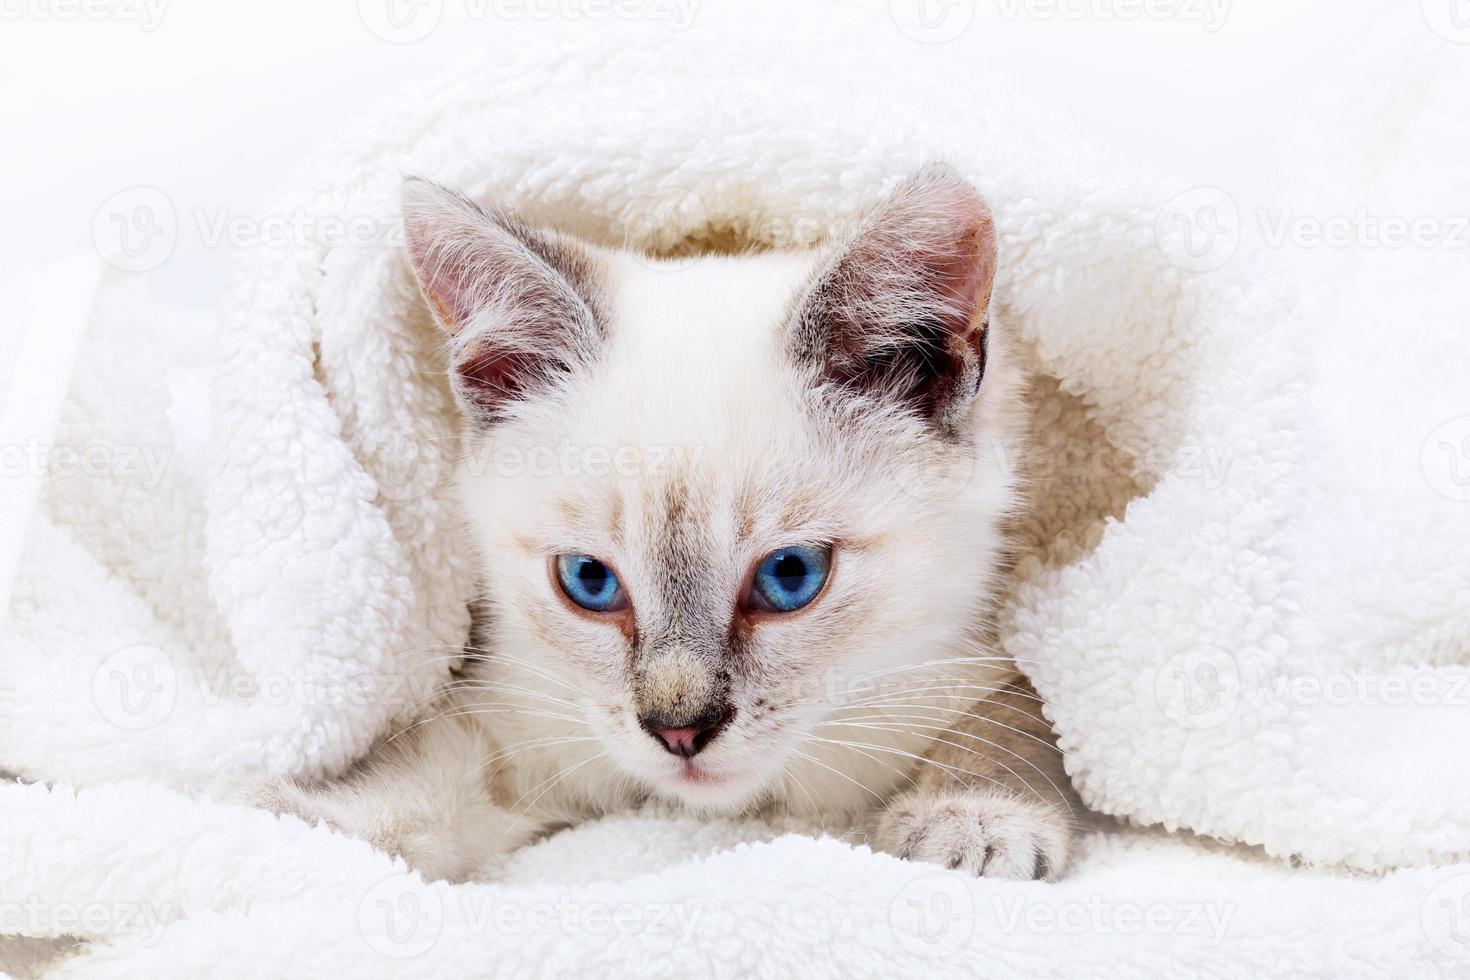 Kitten portrait photo